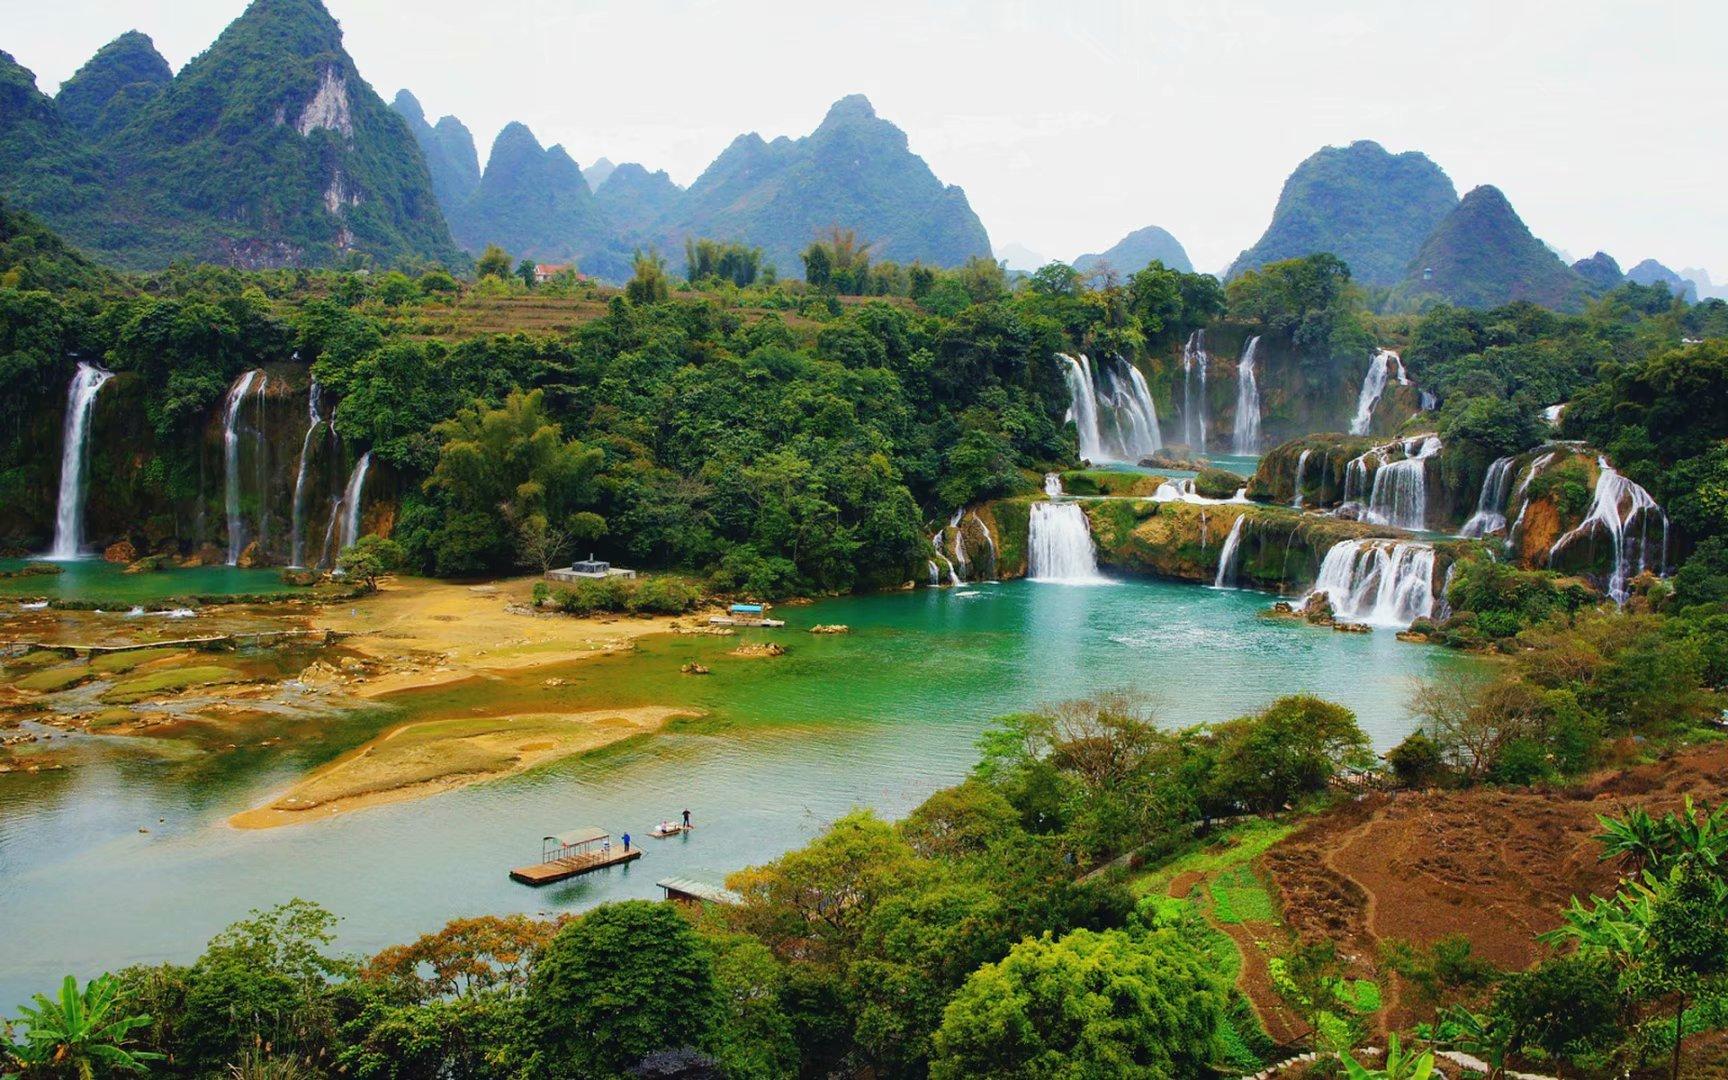 廣西不止有桂林山水,這座城市也美成了一幅畫